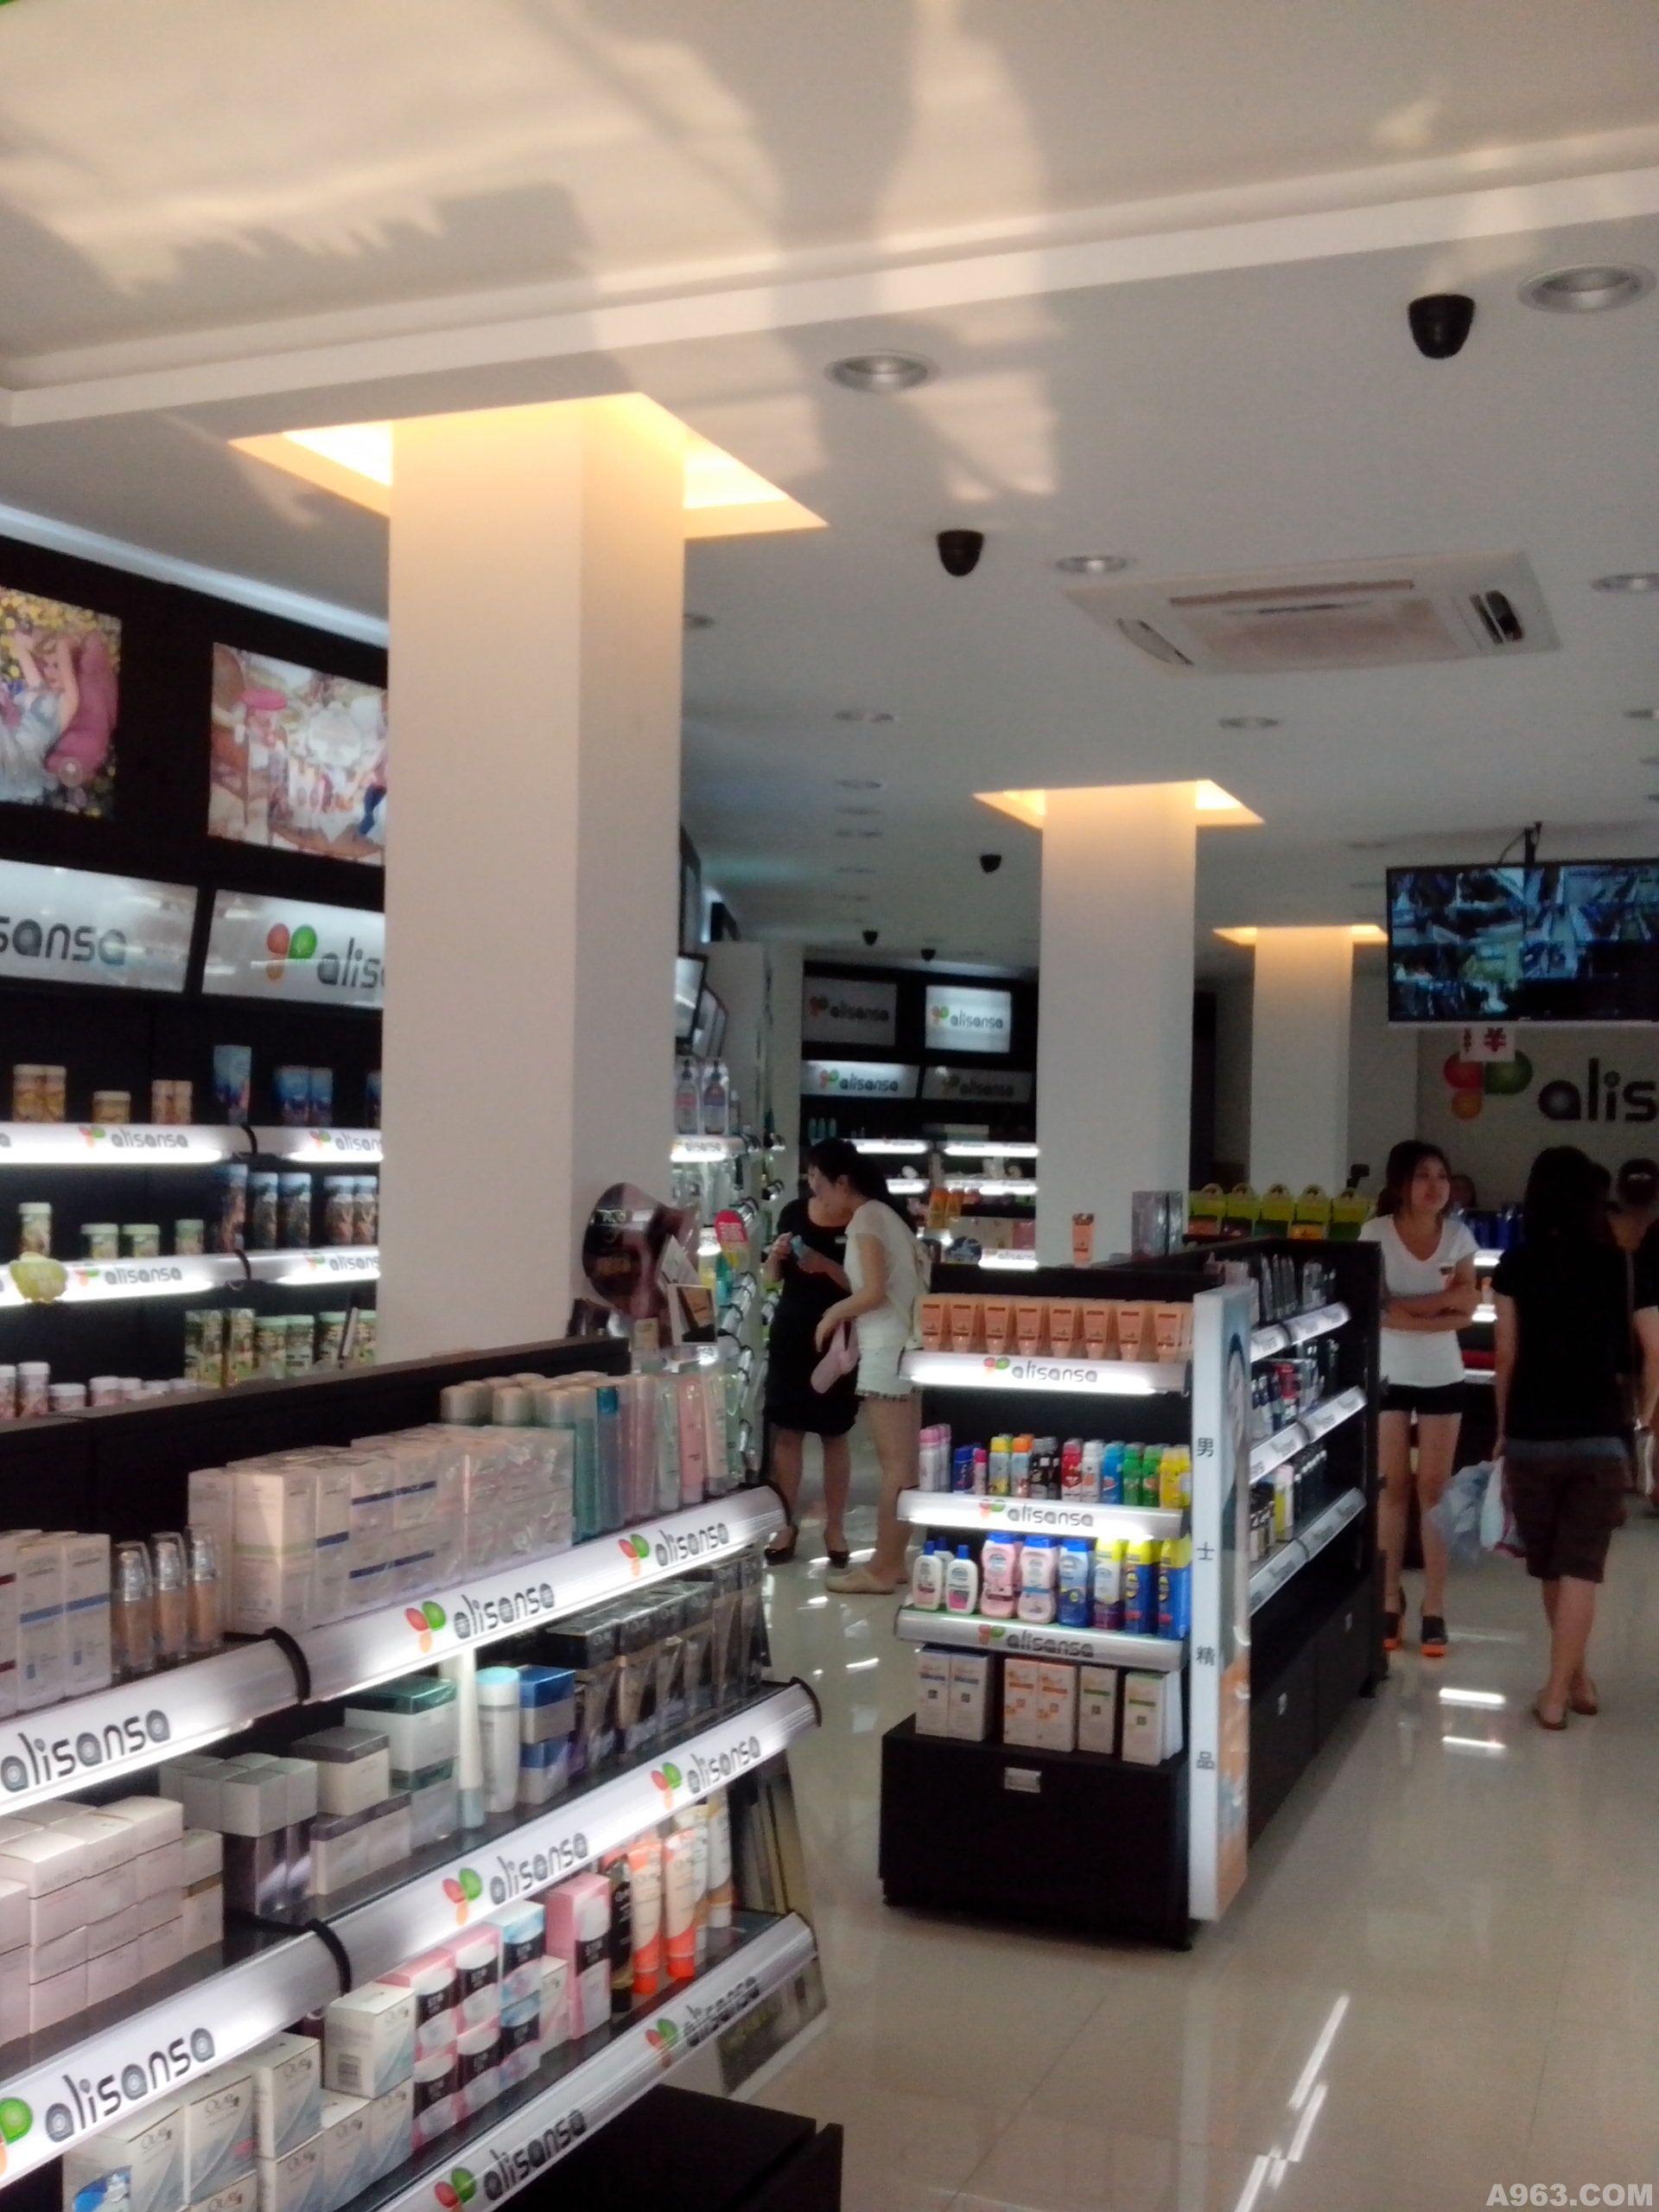 雅丽莎莎化妆品店说明